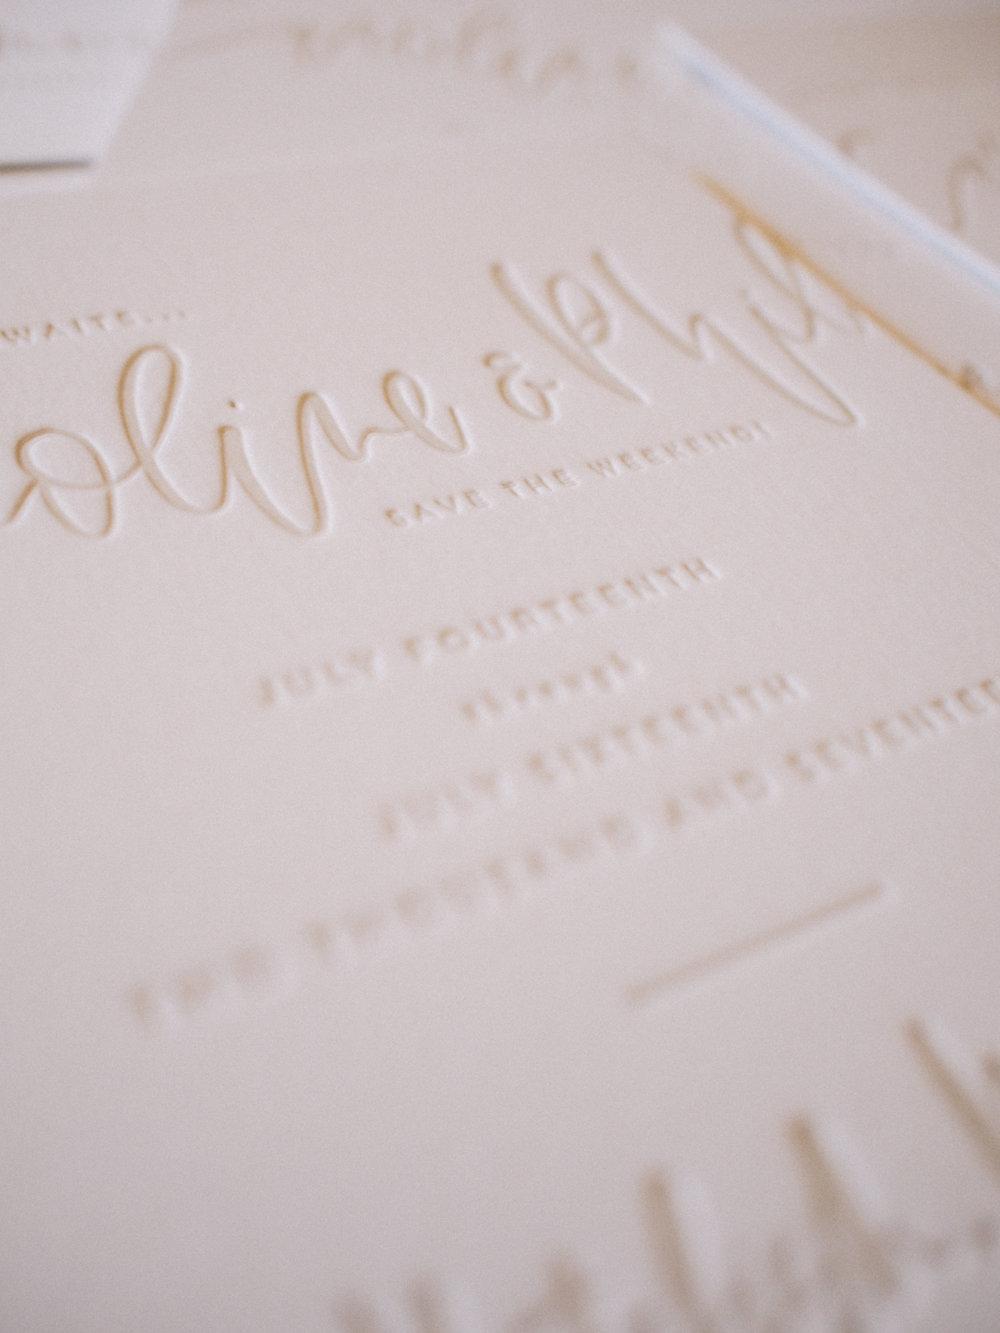 Letterpress details | A Fabulous Fete